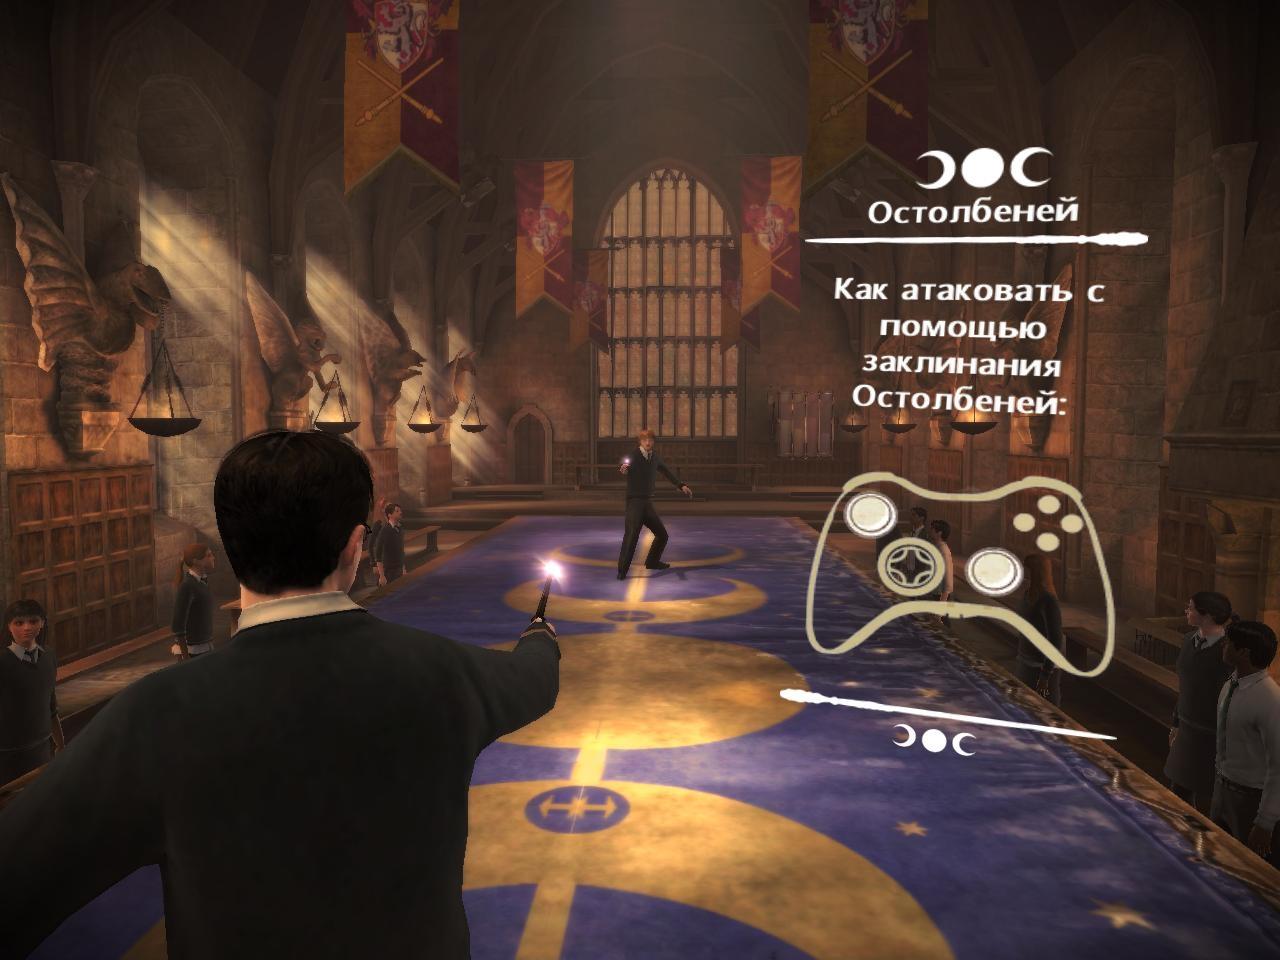 Игра гарри поттер принц полукровка 19 фотография